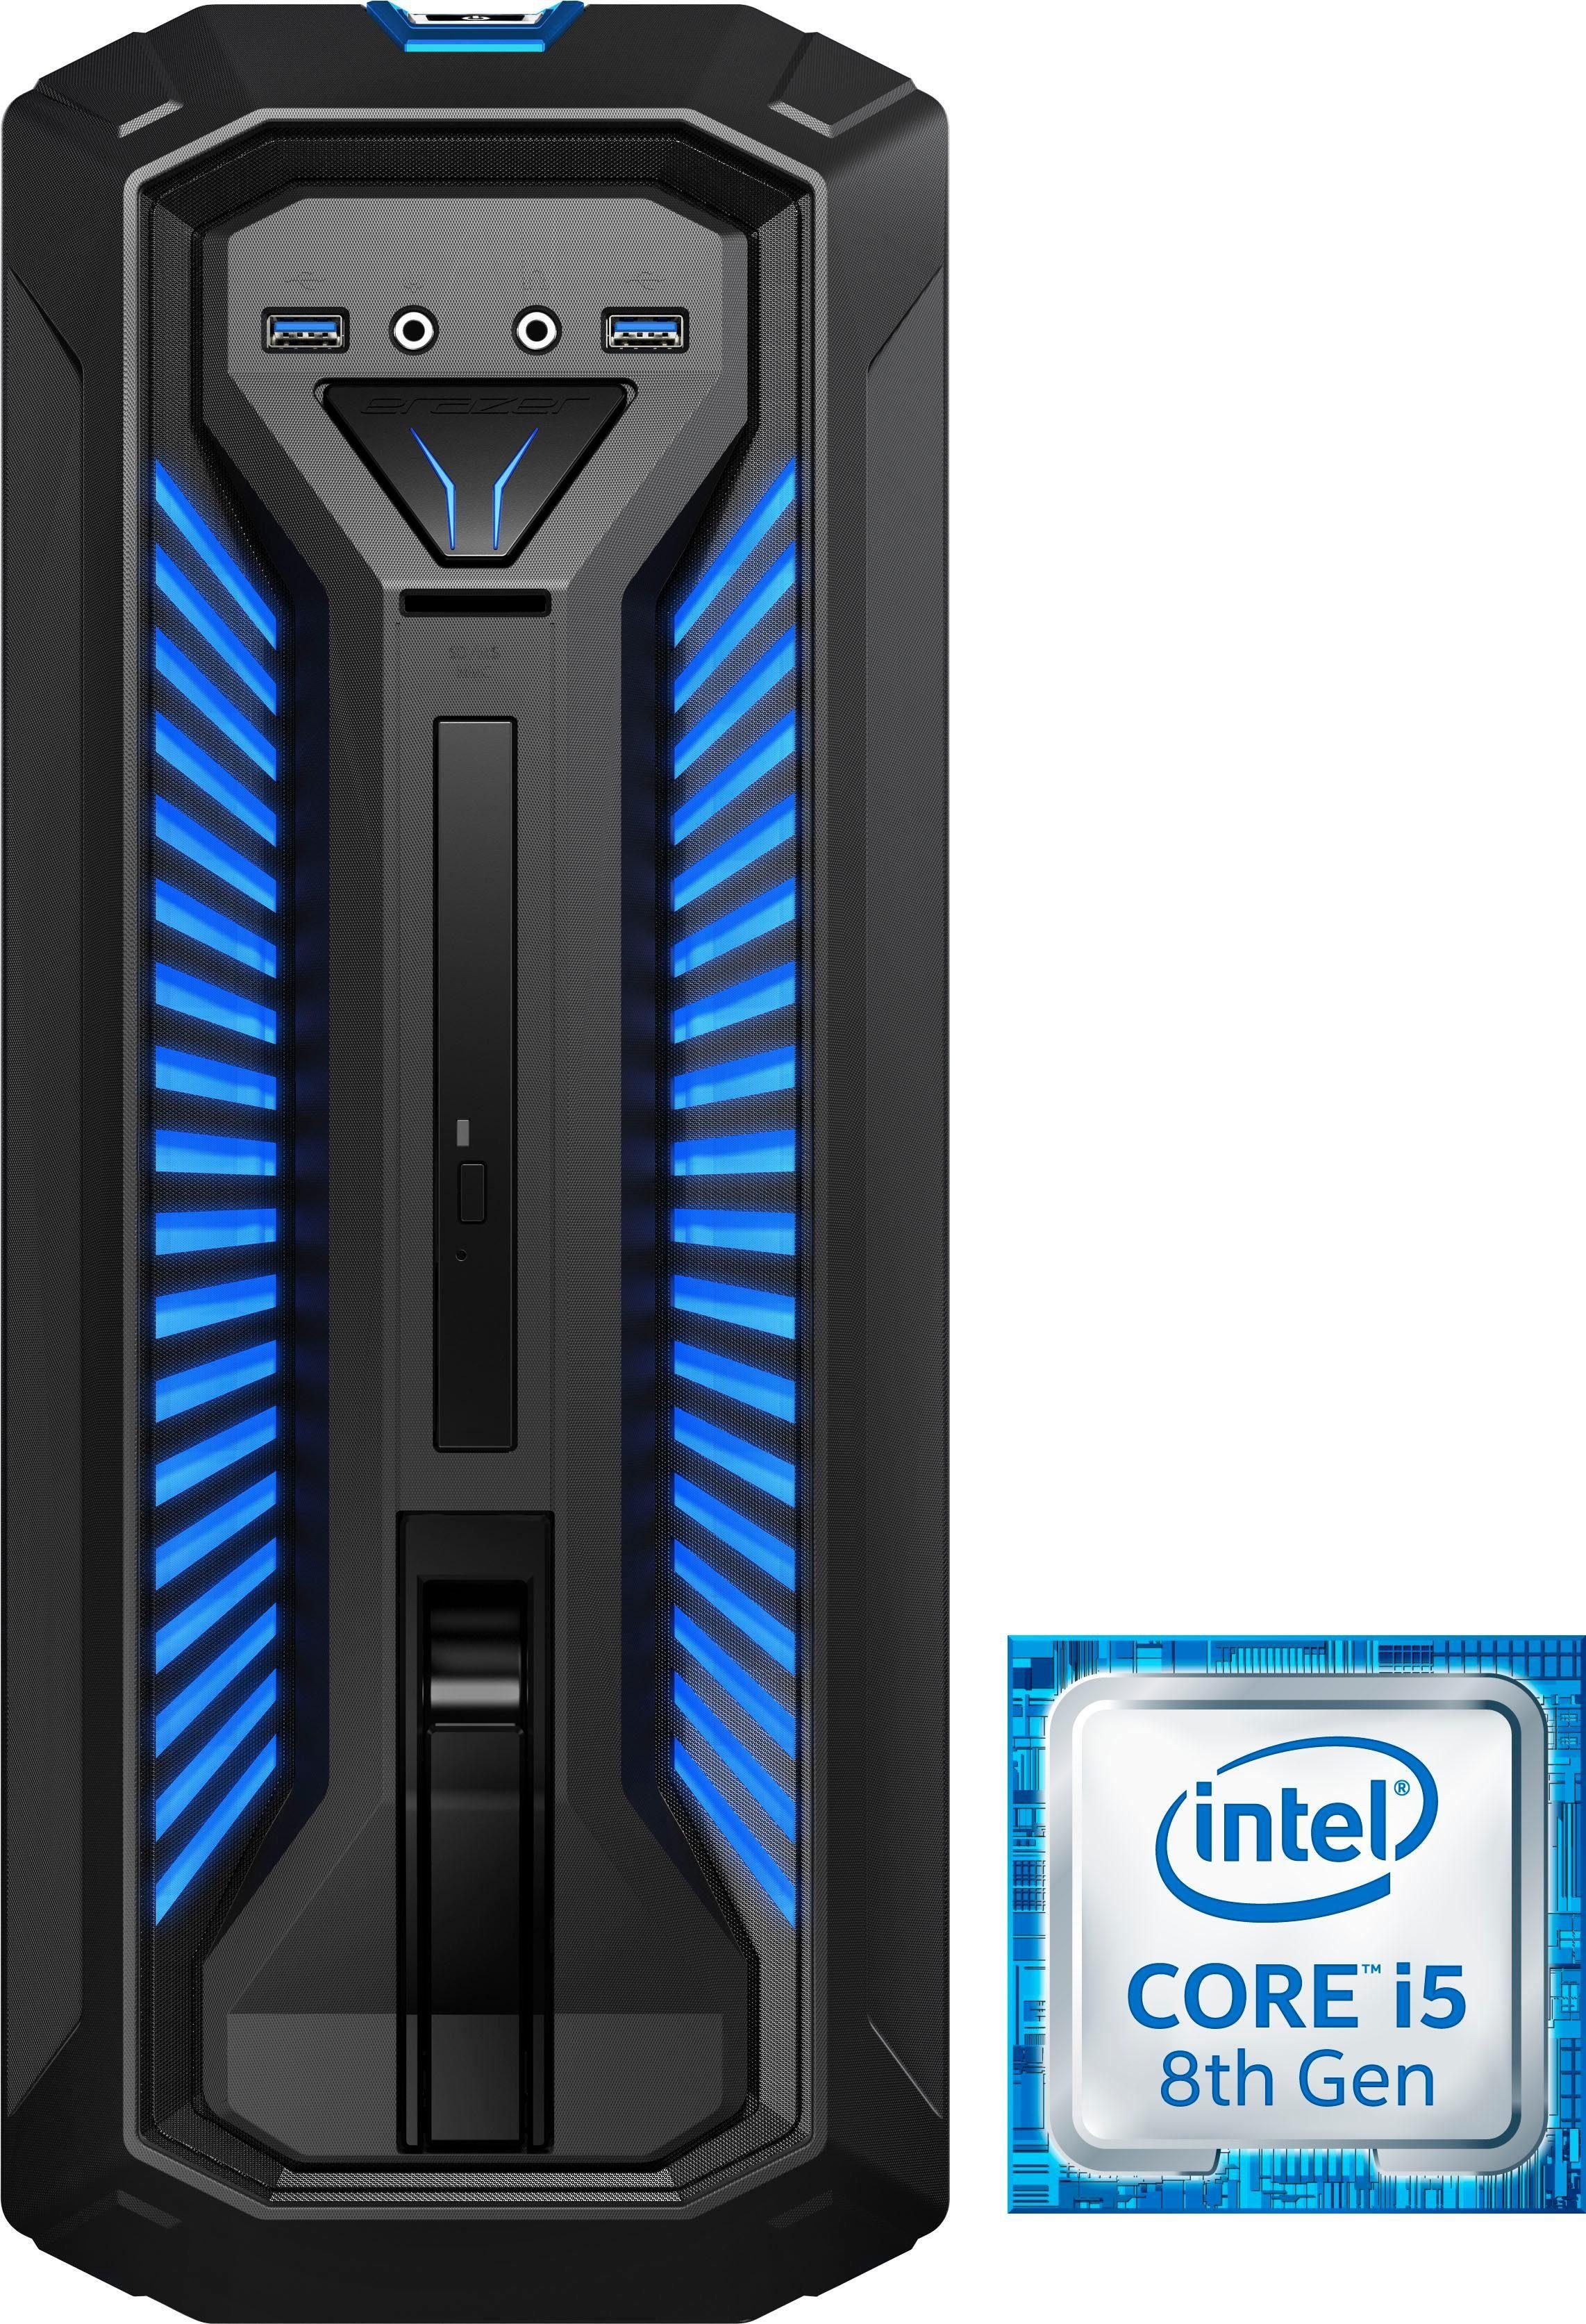 Medion® ERAZER P66009 MD34106/ C657 Gaming-PC (Intel Core i5, GeForce, 12 GB RAM, 1000 GB HDD, 128 GB SSD)